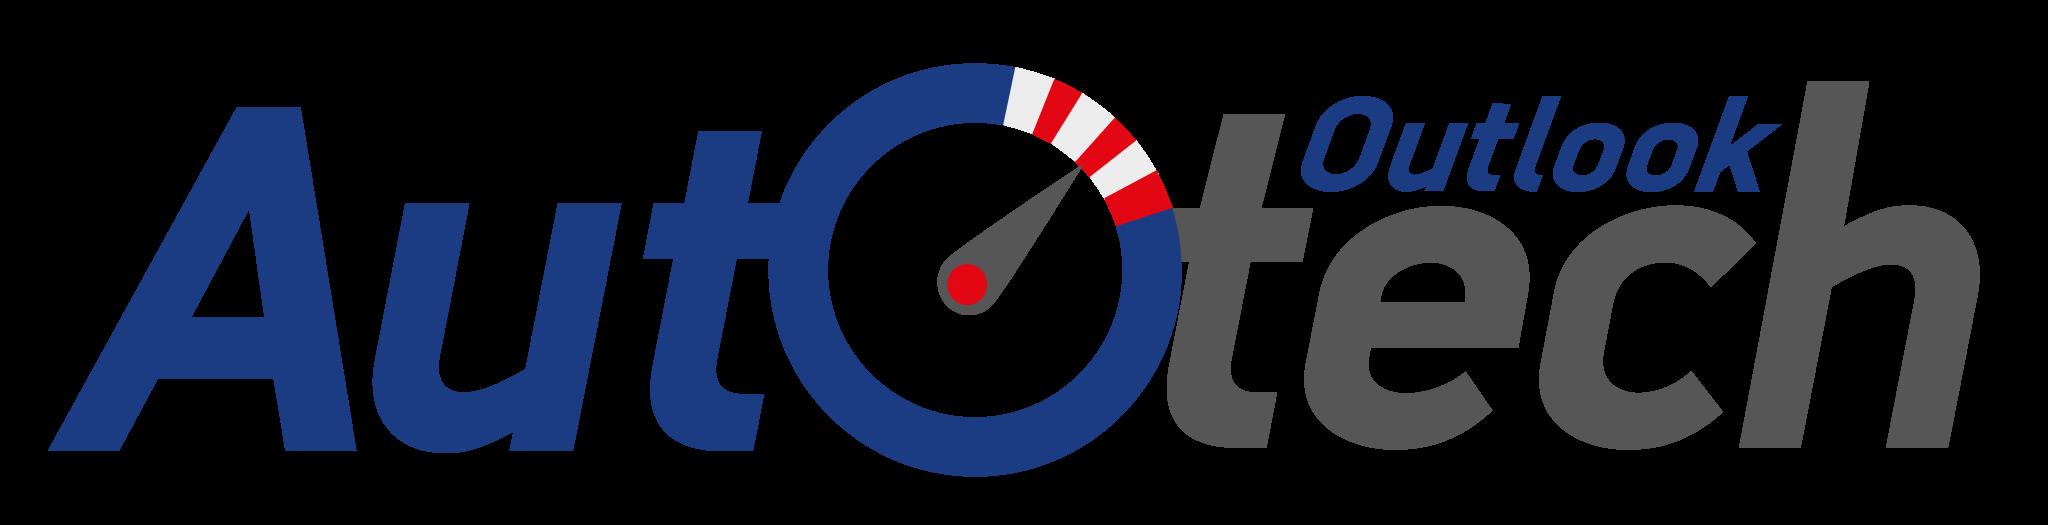 Auto Tech Outlook Logo